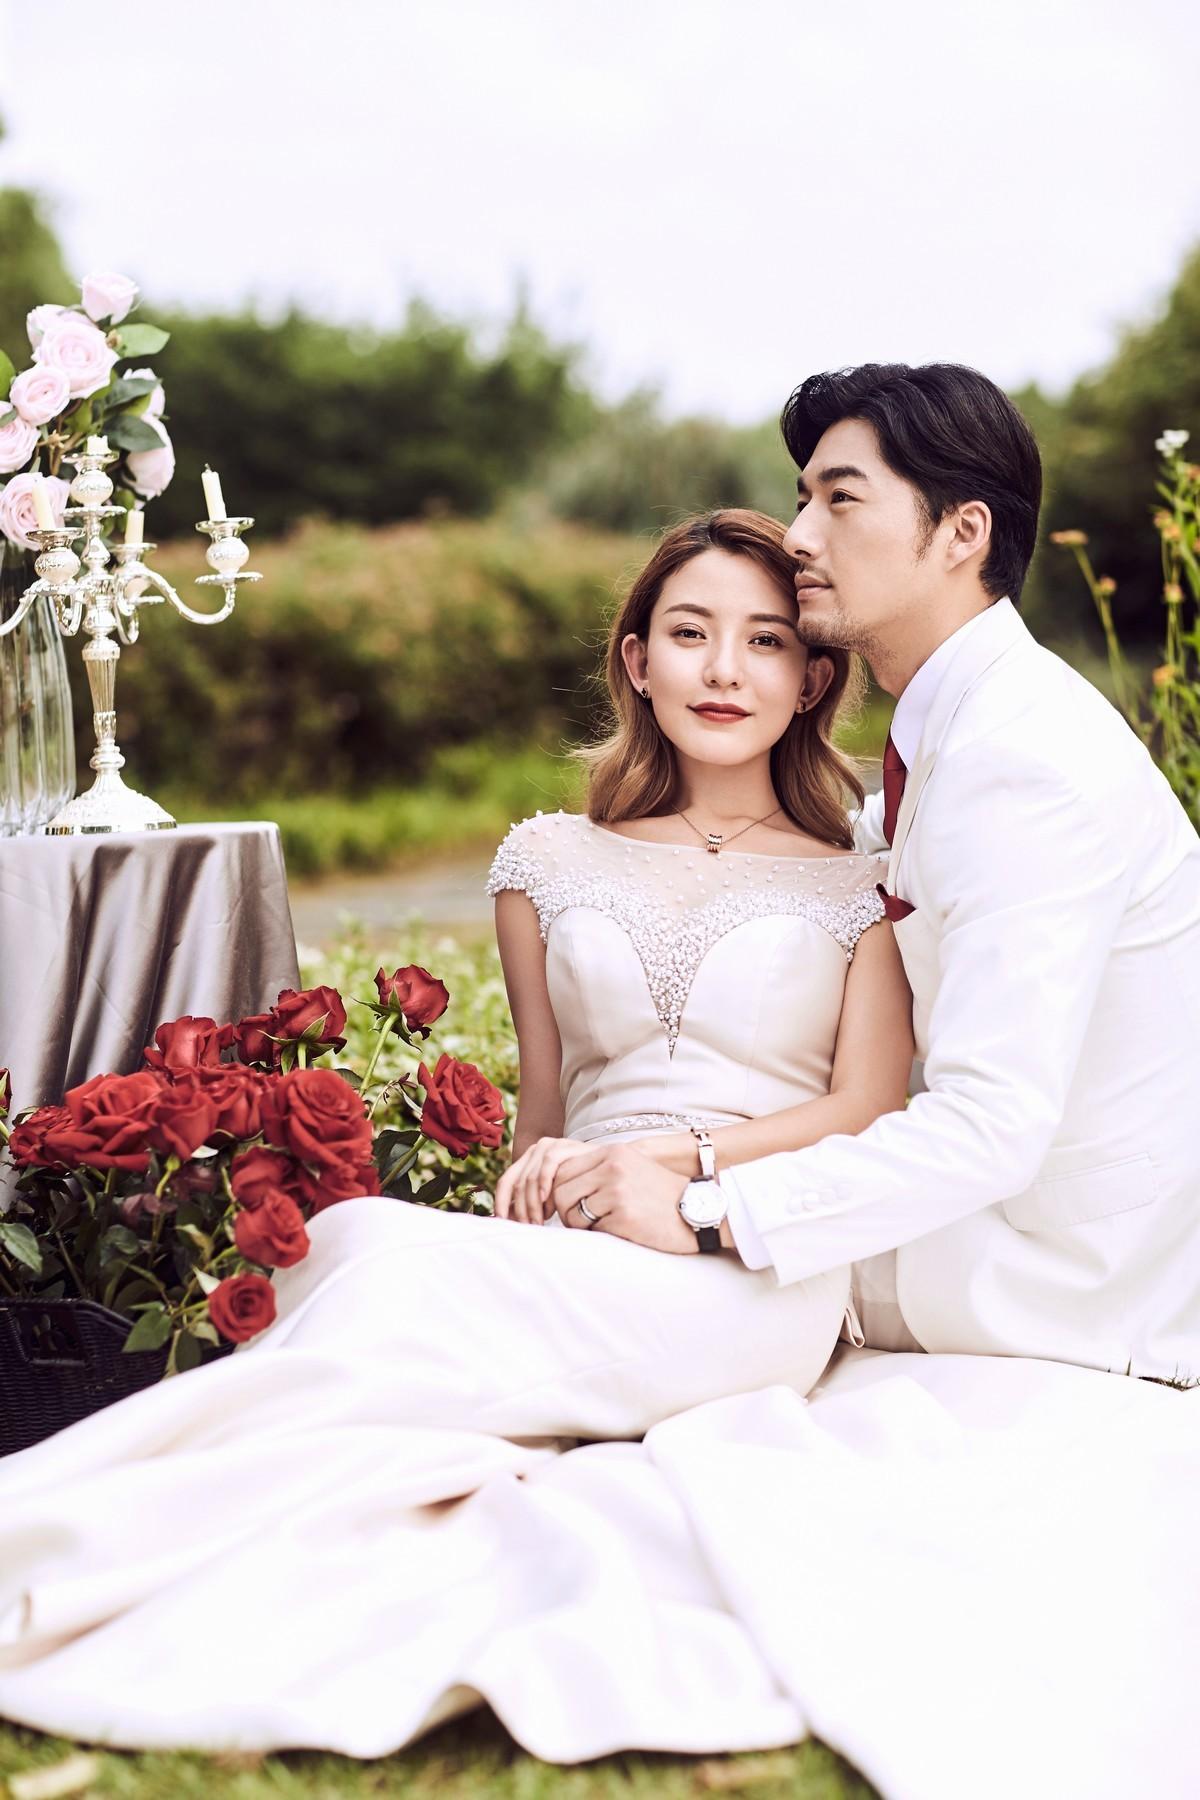 东莞好莱坞婚纱摄影,春意盎然